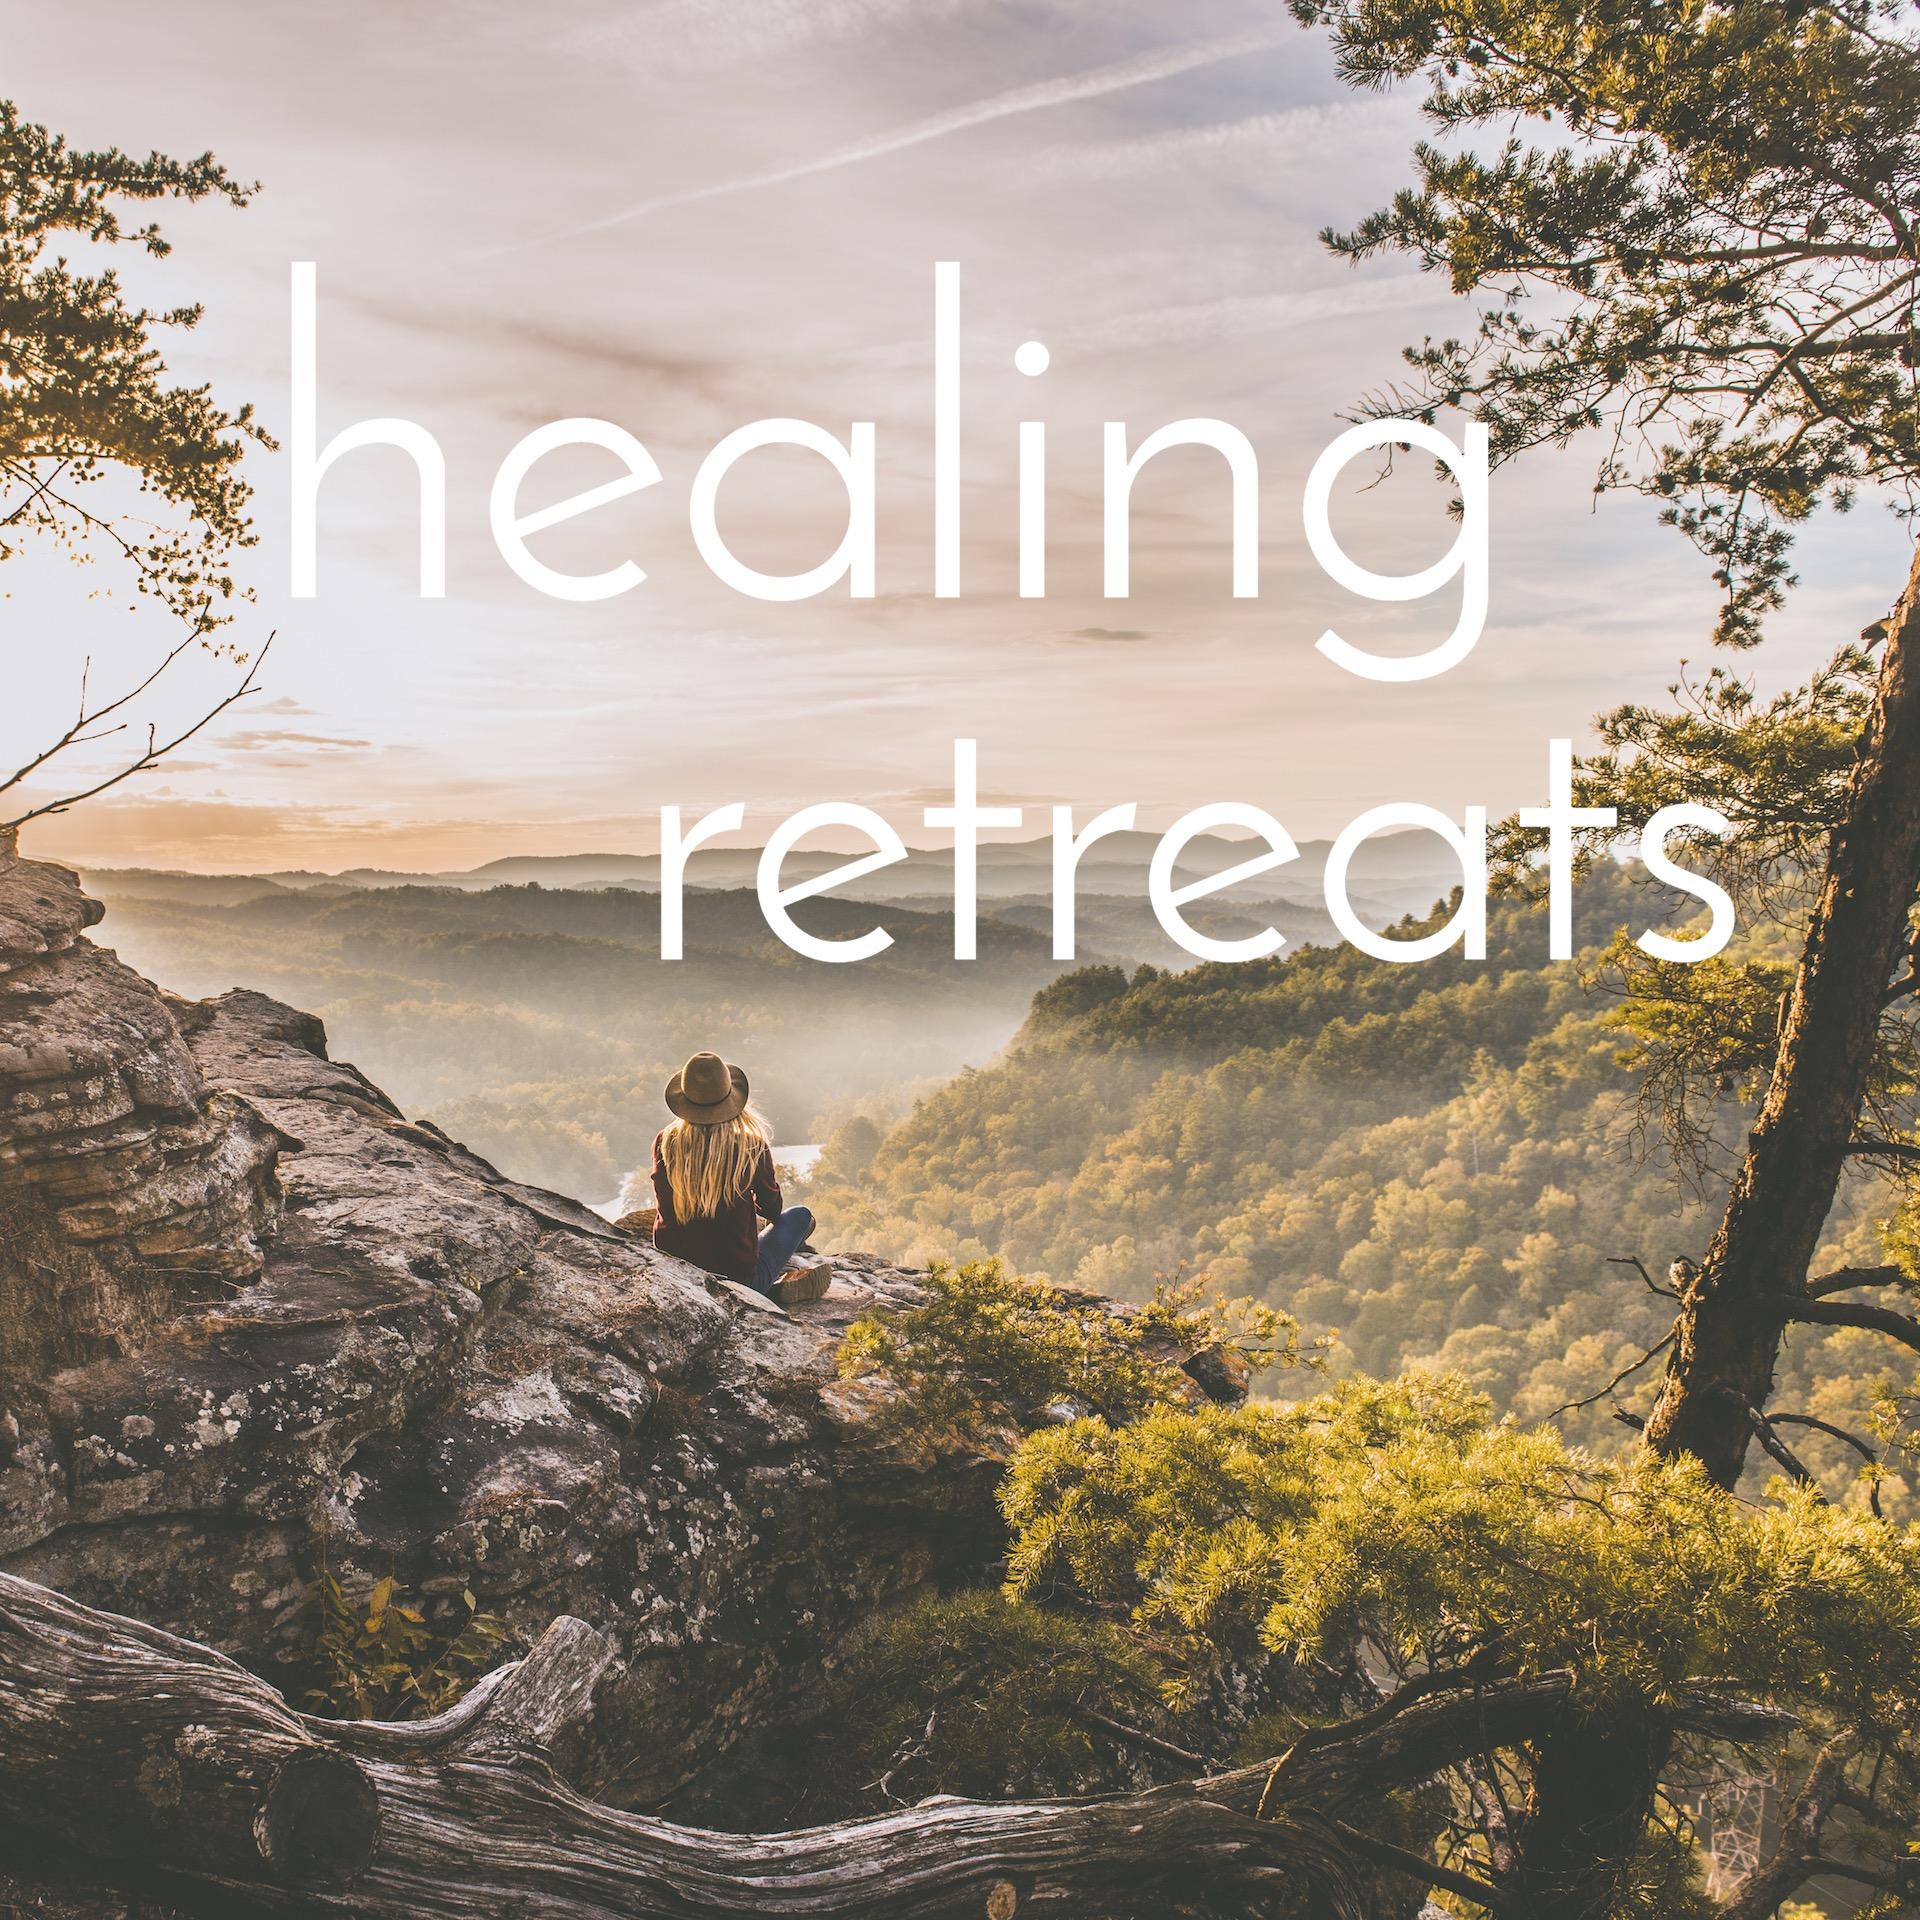 Healing Retreats